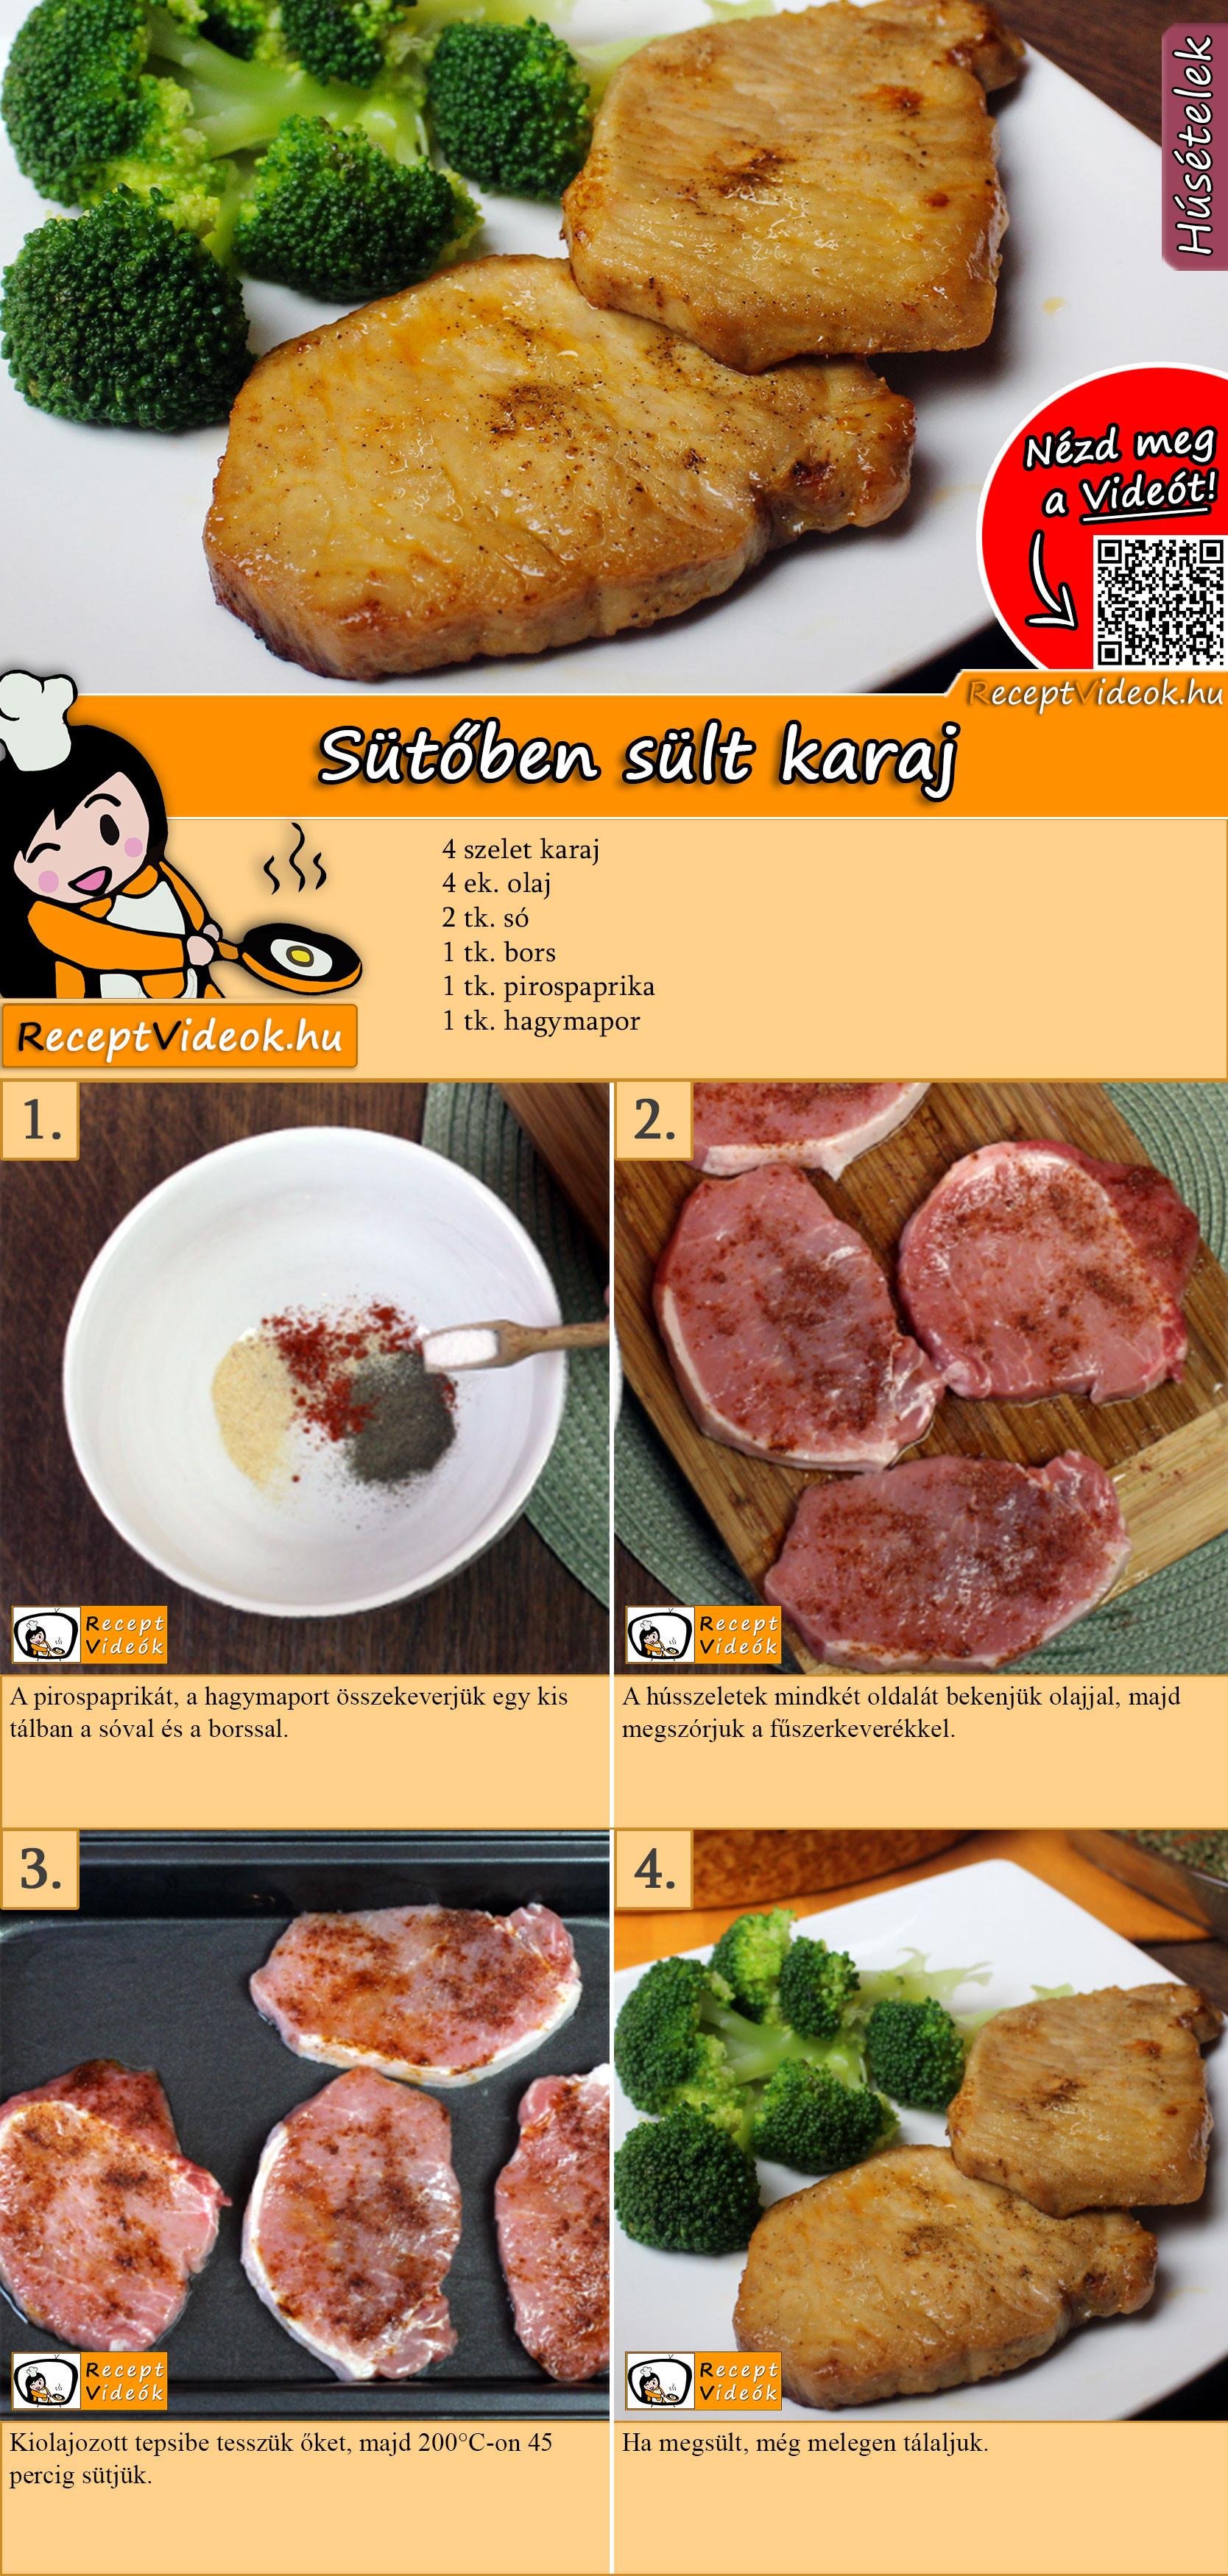 Sütőben sült karaj recept elkészítése videóval